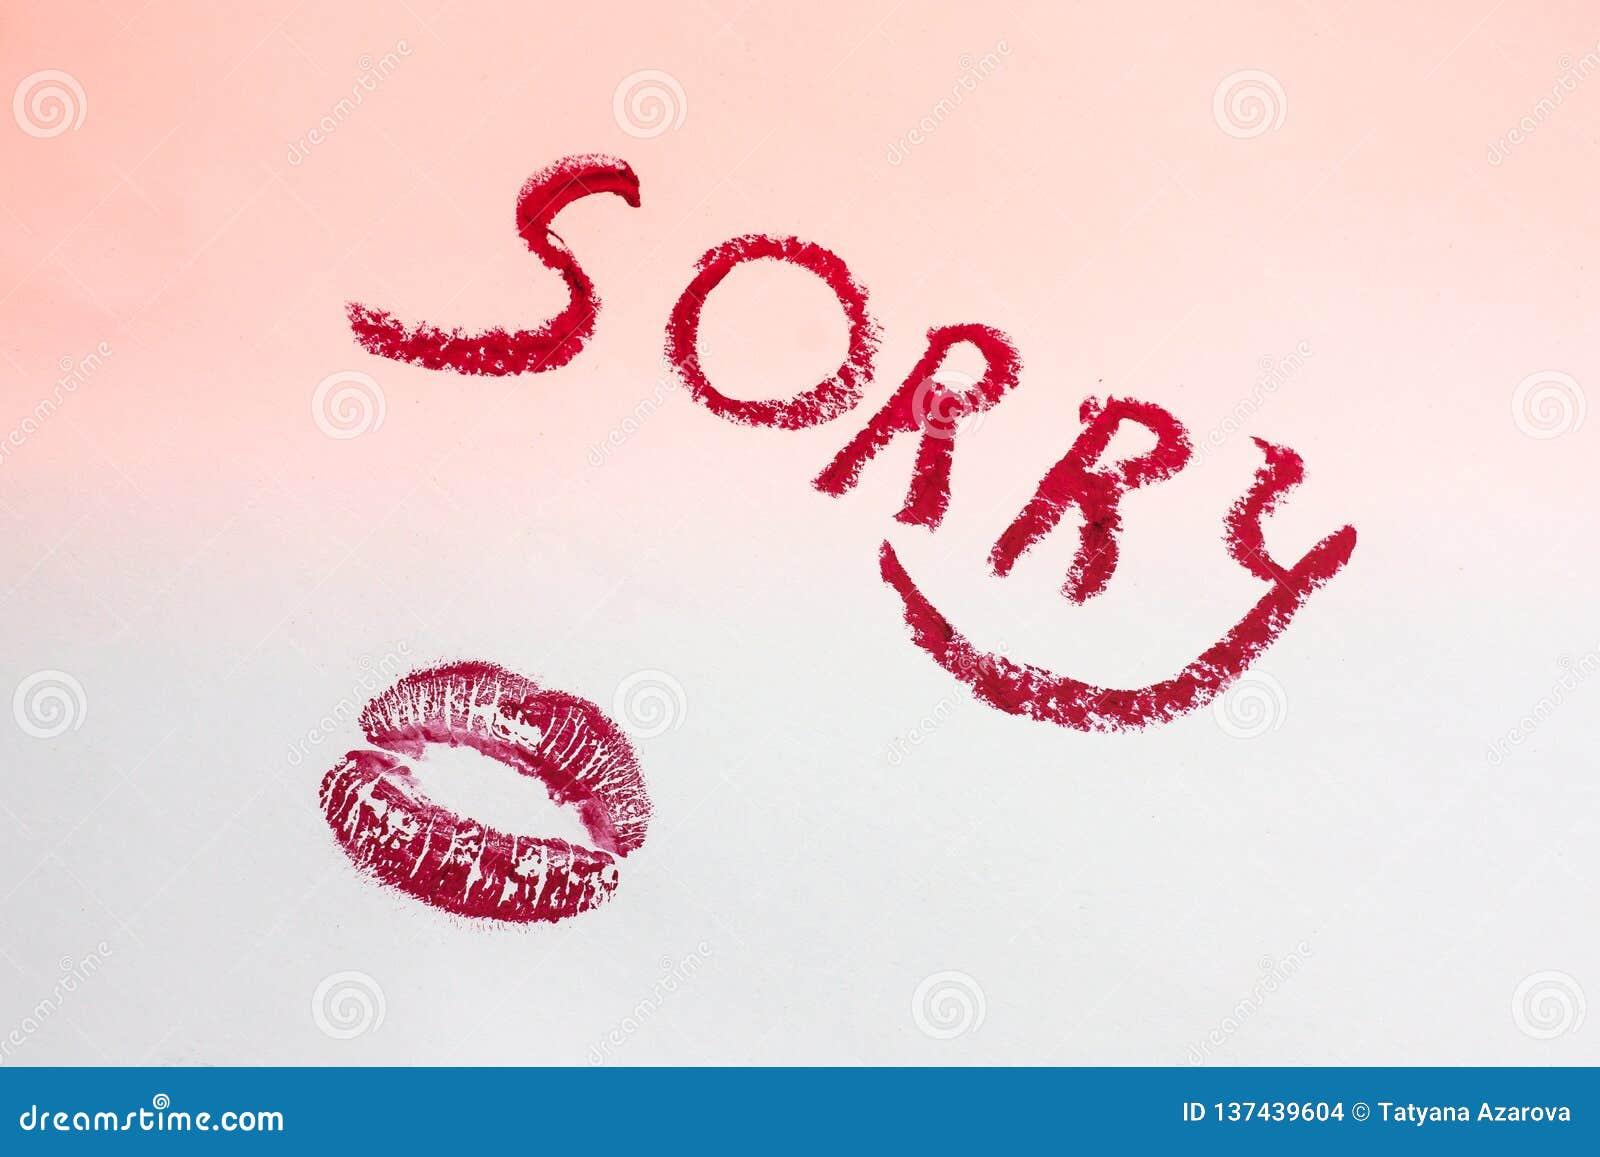 Inscripción triste en letras rojas de la barra de labios en una hoja de papel blanca rosada, impresión de la barra de labios bajo